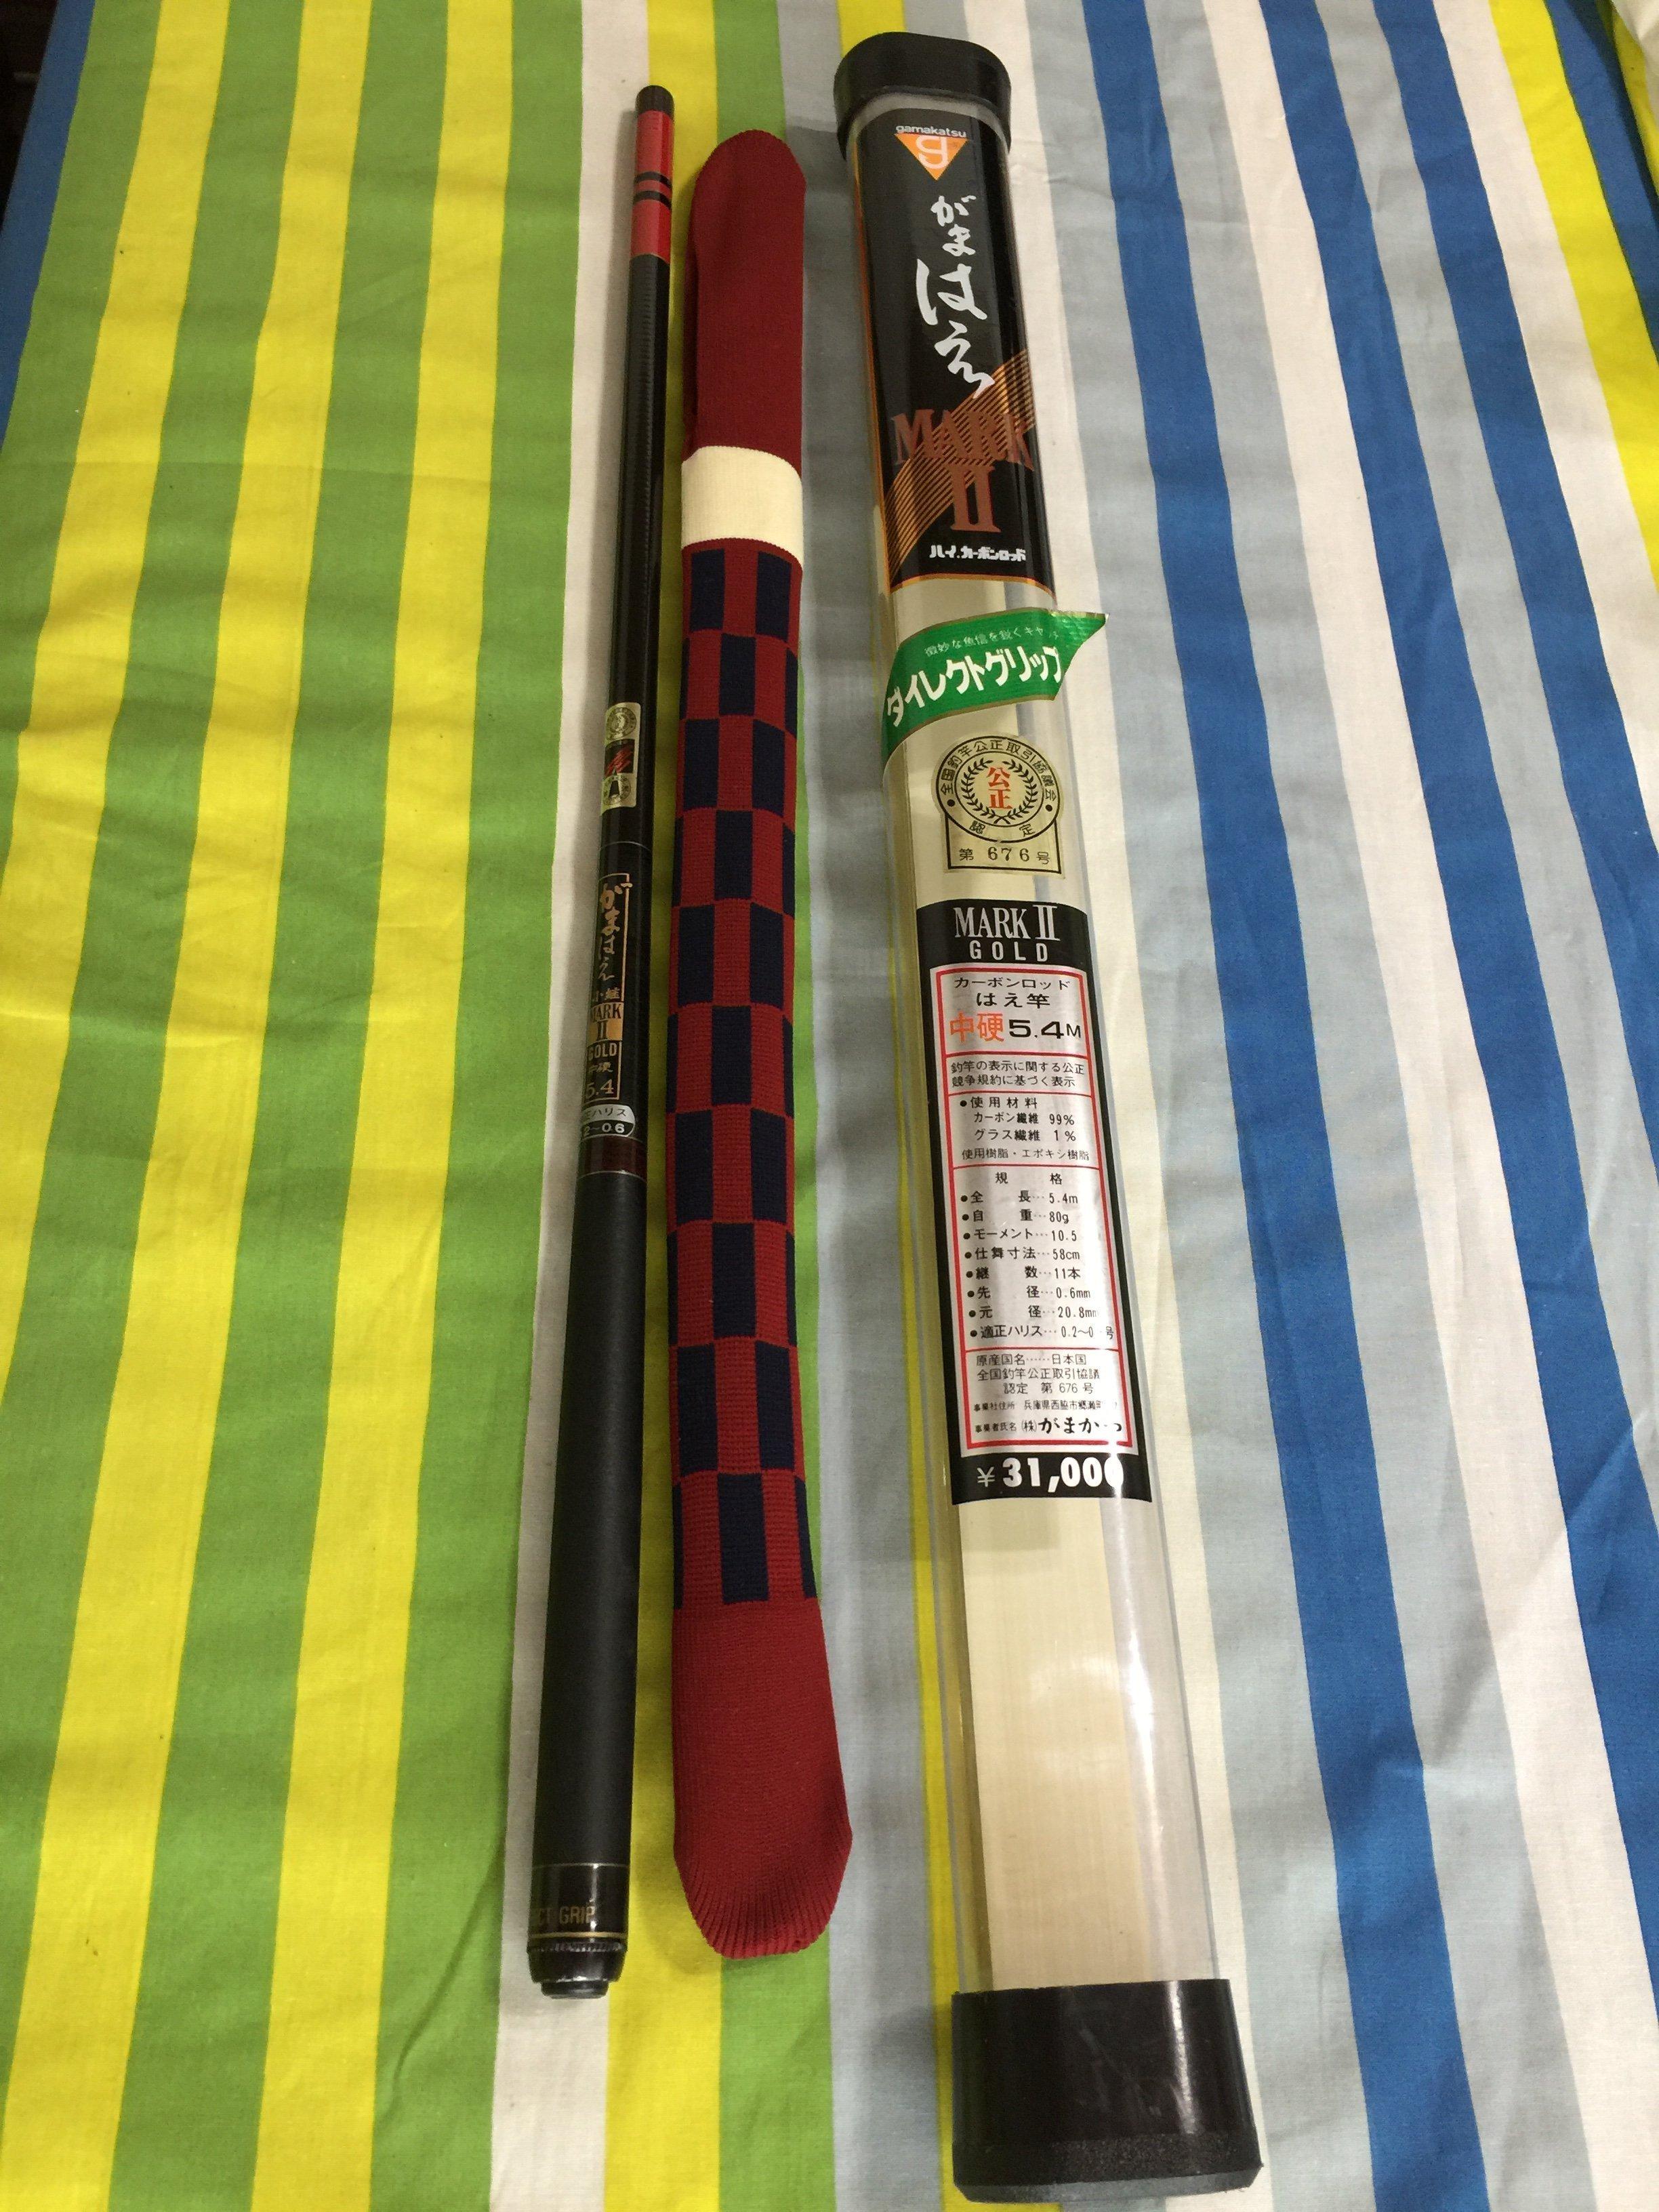 日本製 GAMAKATSU がまはえ 小継 MARKⅡ GOLD 中硬 54 十八 八工竿 溪流竿 鯽魚竿 免運費可刷卡